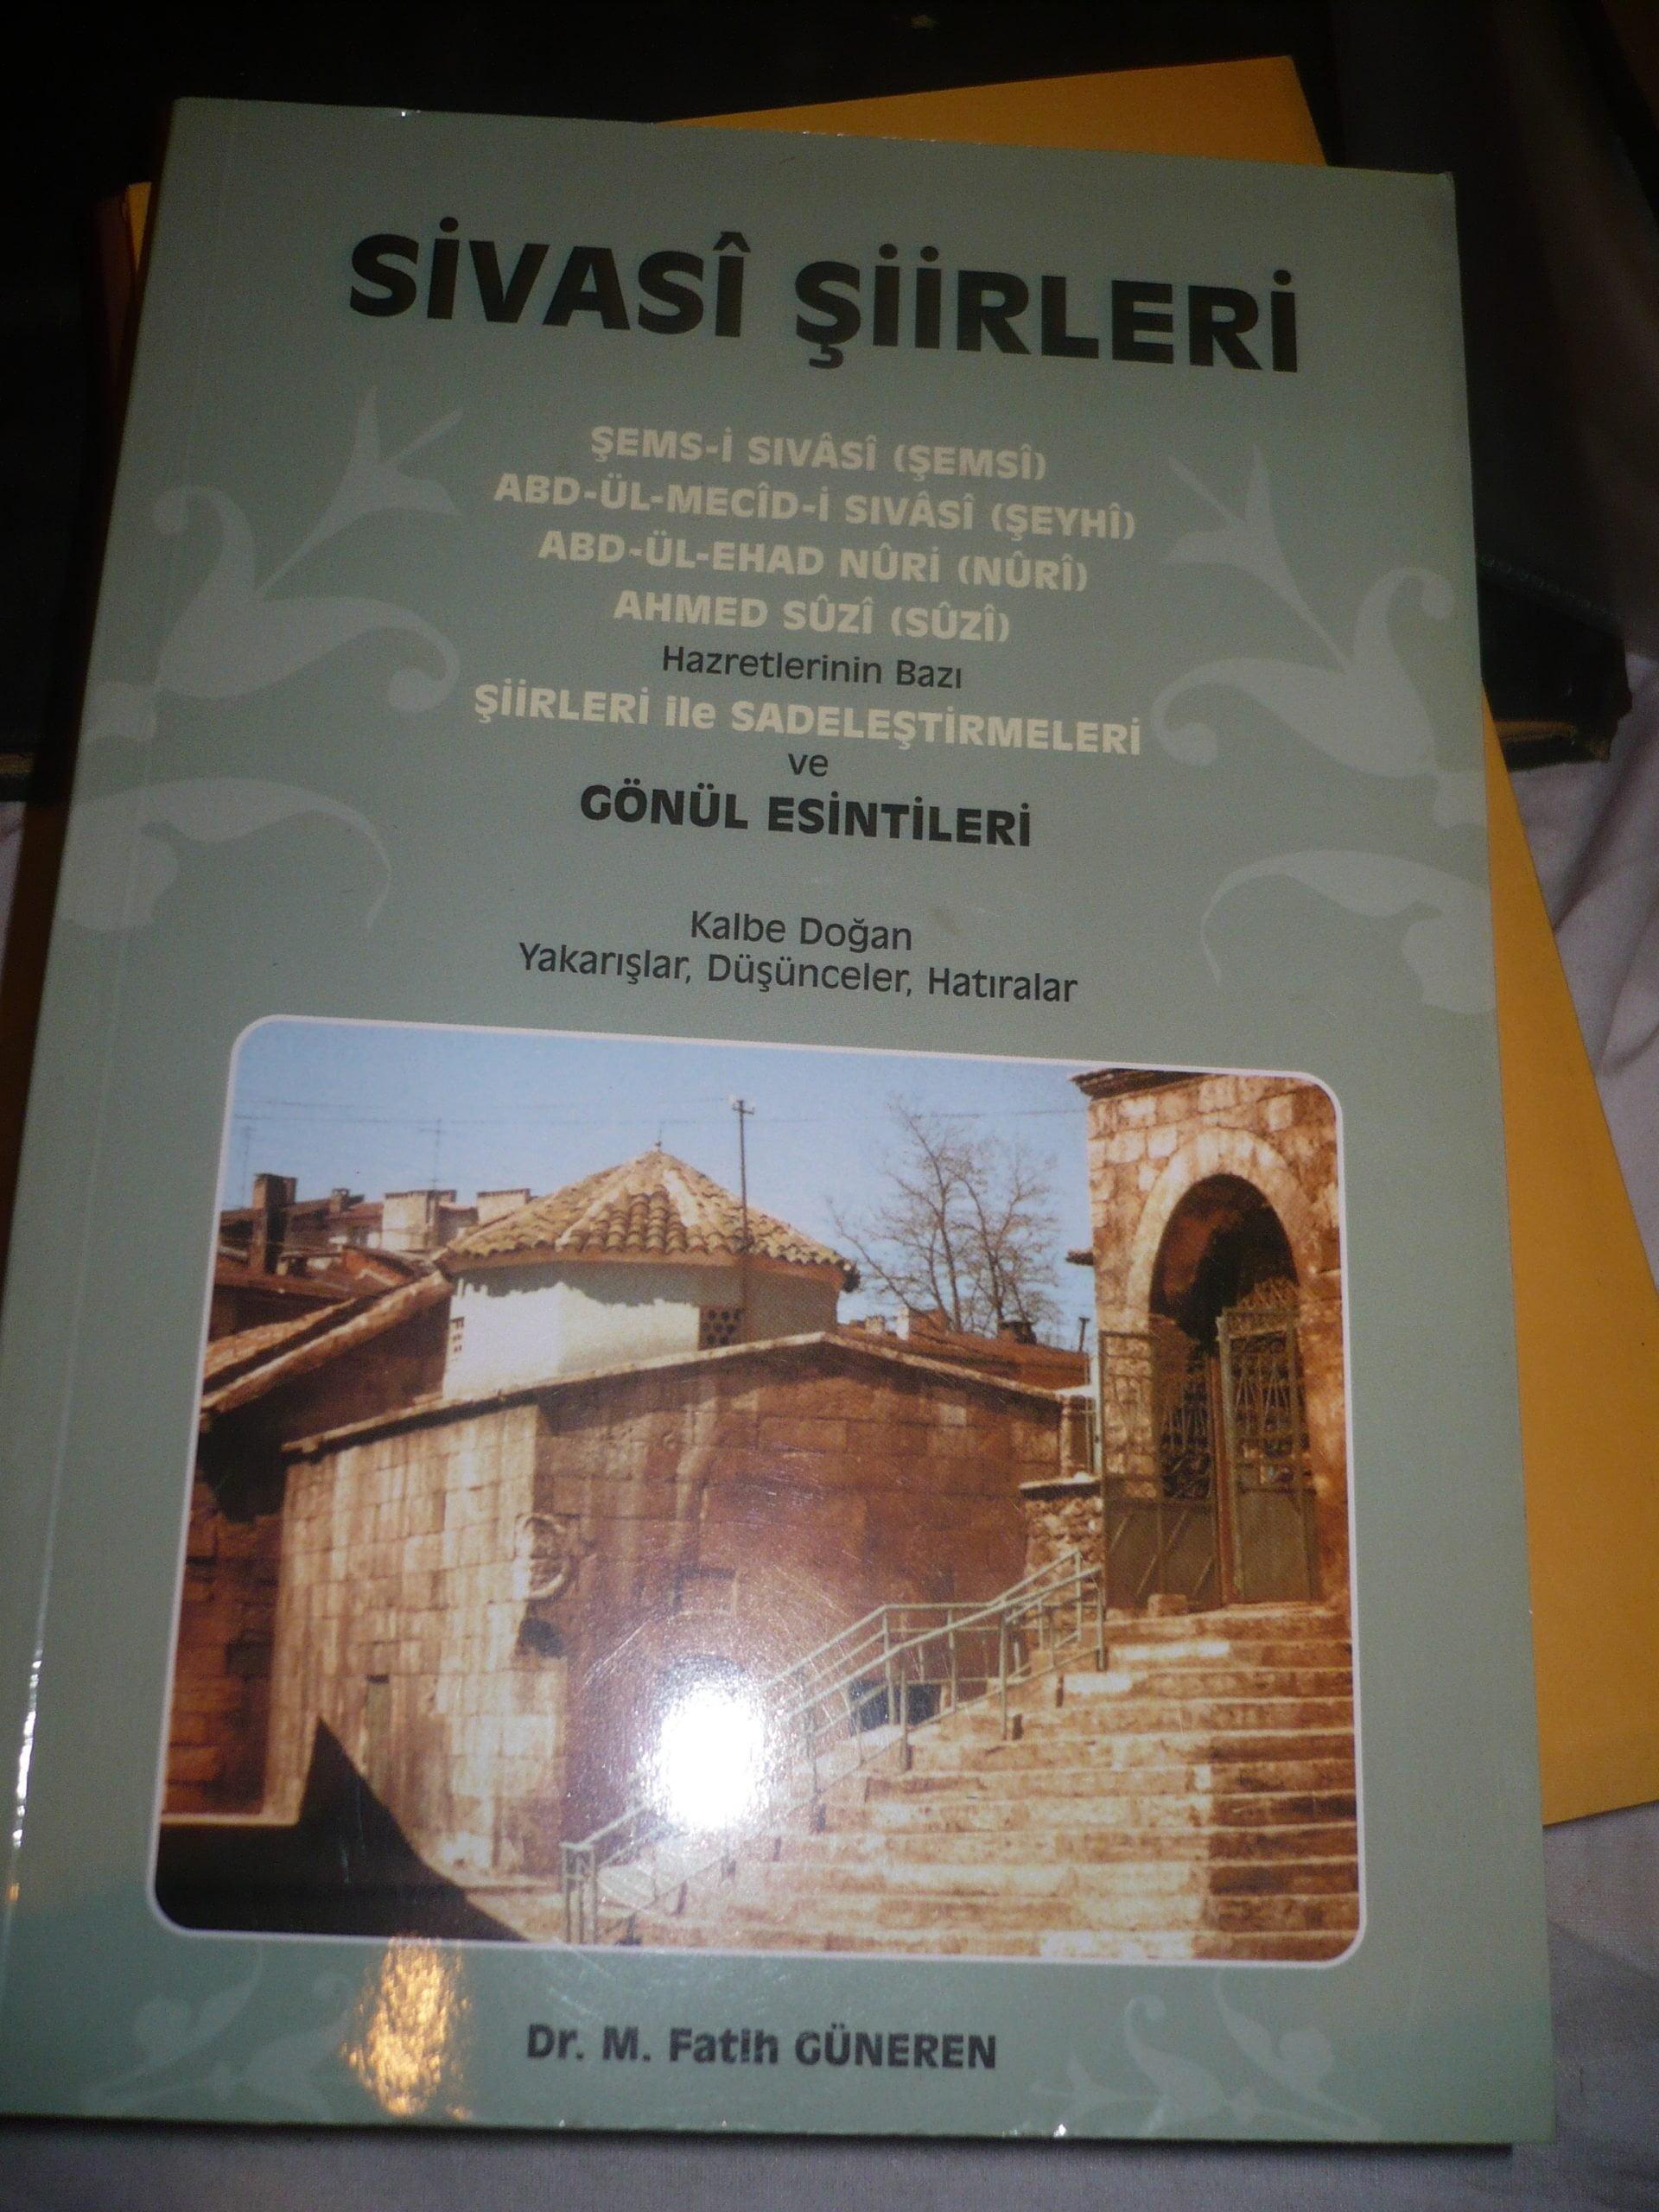 SİVASİ ŞİİRLERİ /Fatih GÜNEREN/20 tl